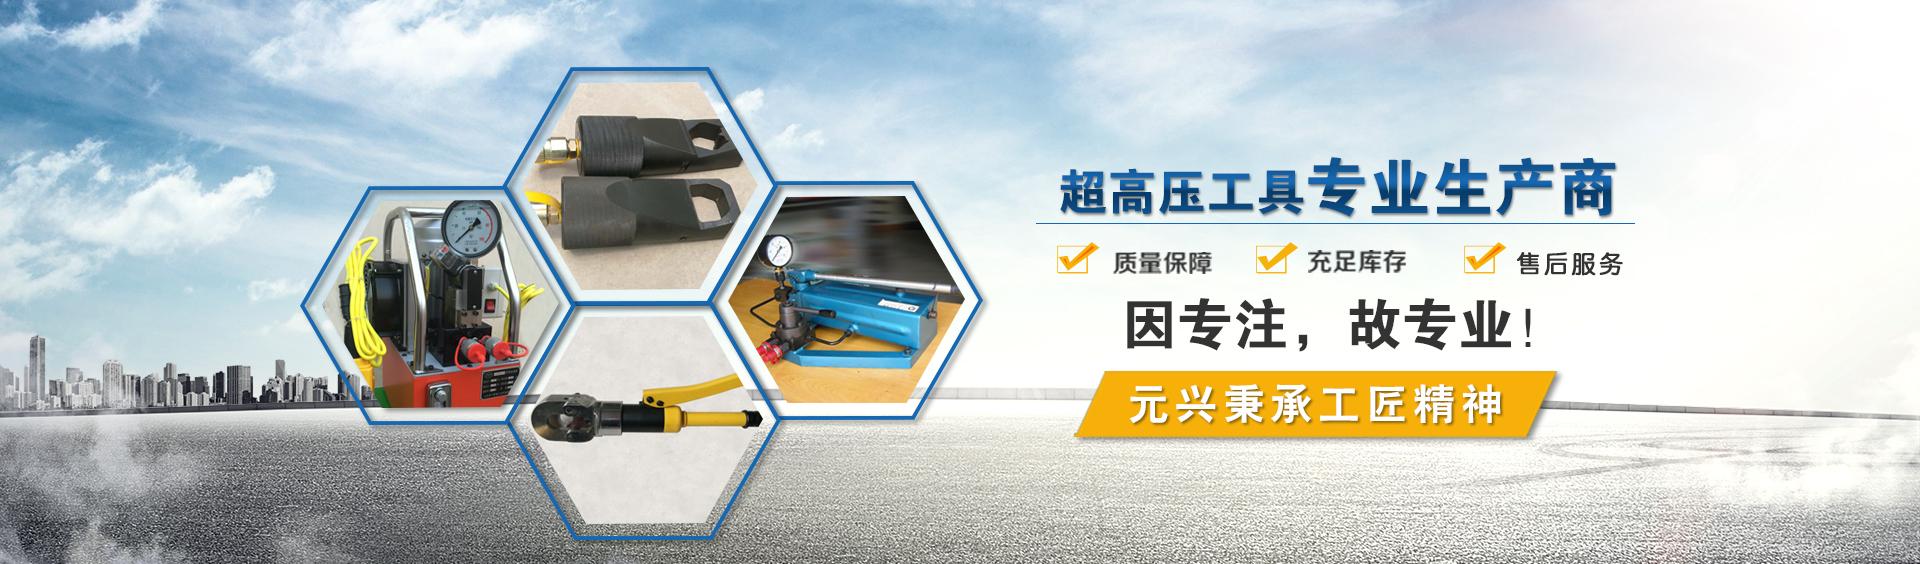 河北富豪娱乐guan网通用设备制造youxian公司